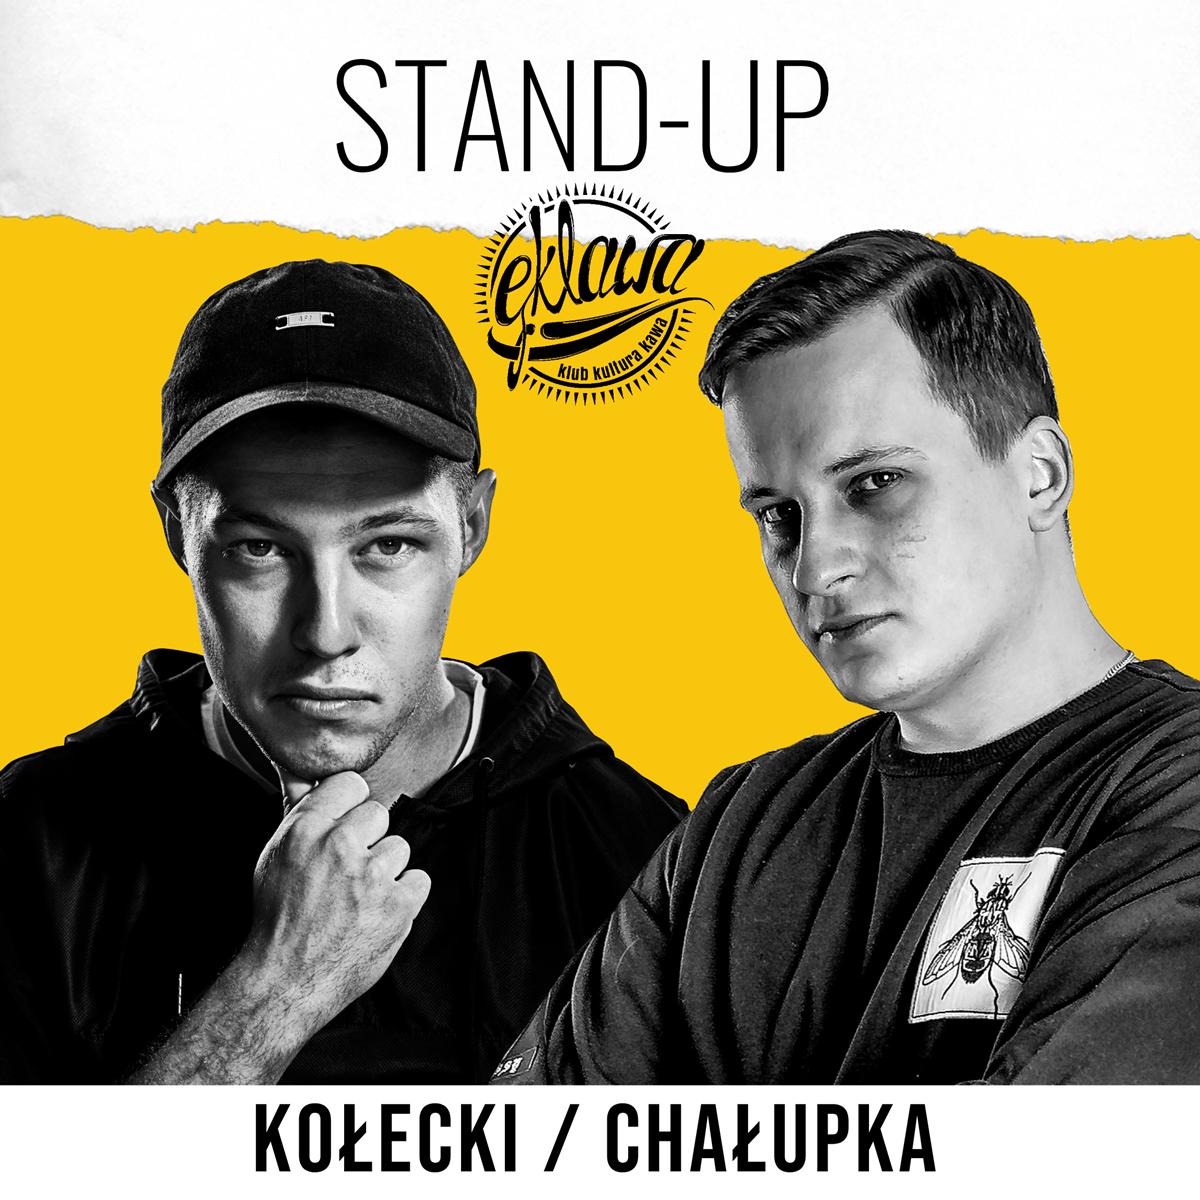 Stand-up w Ęklawie: Tomek Kołecki, Paweł Chałupka